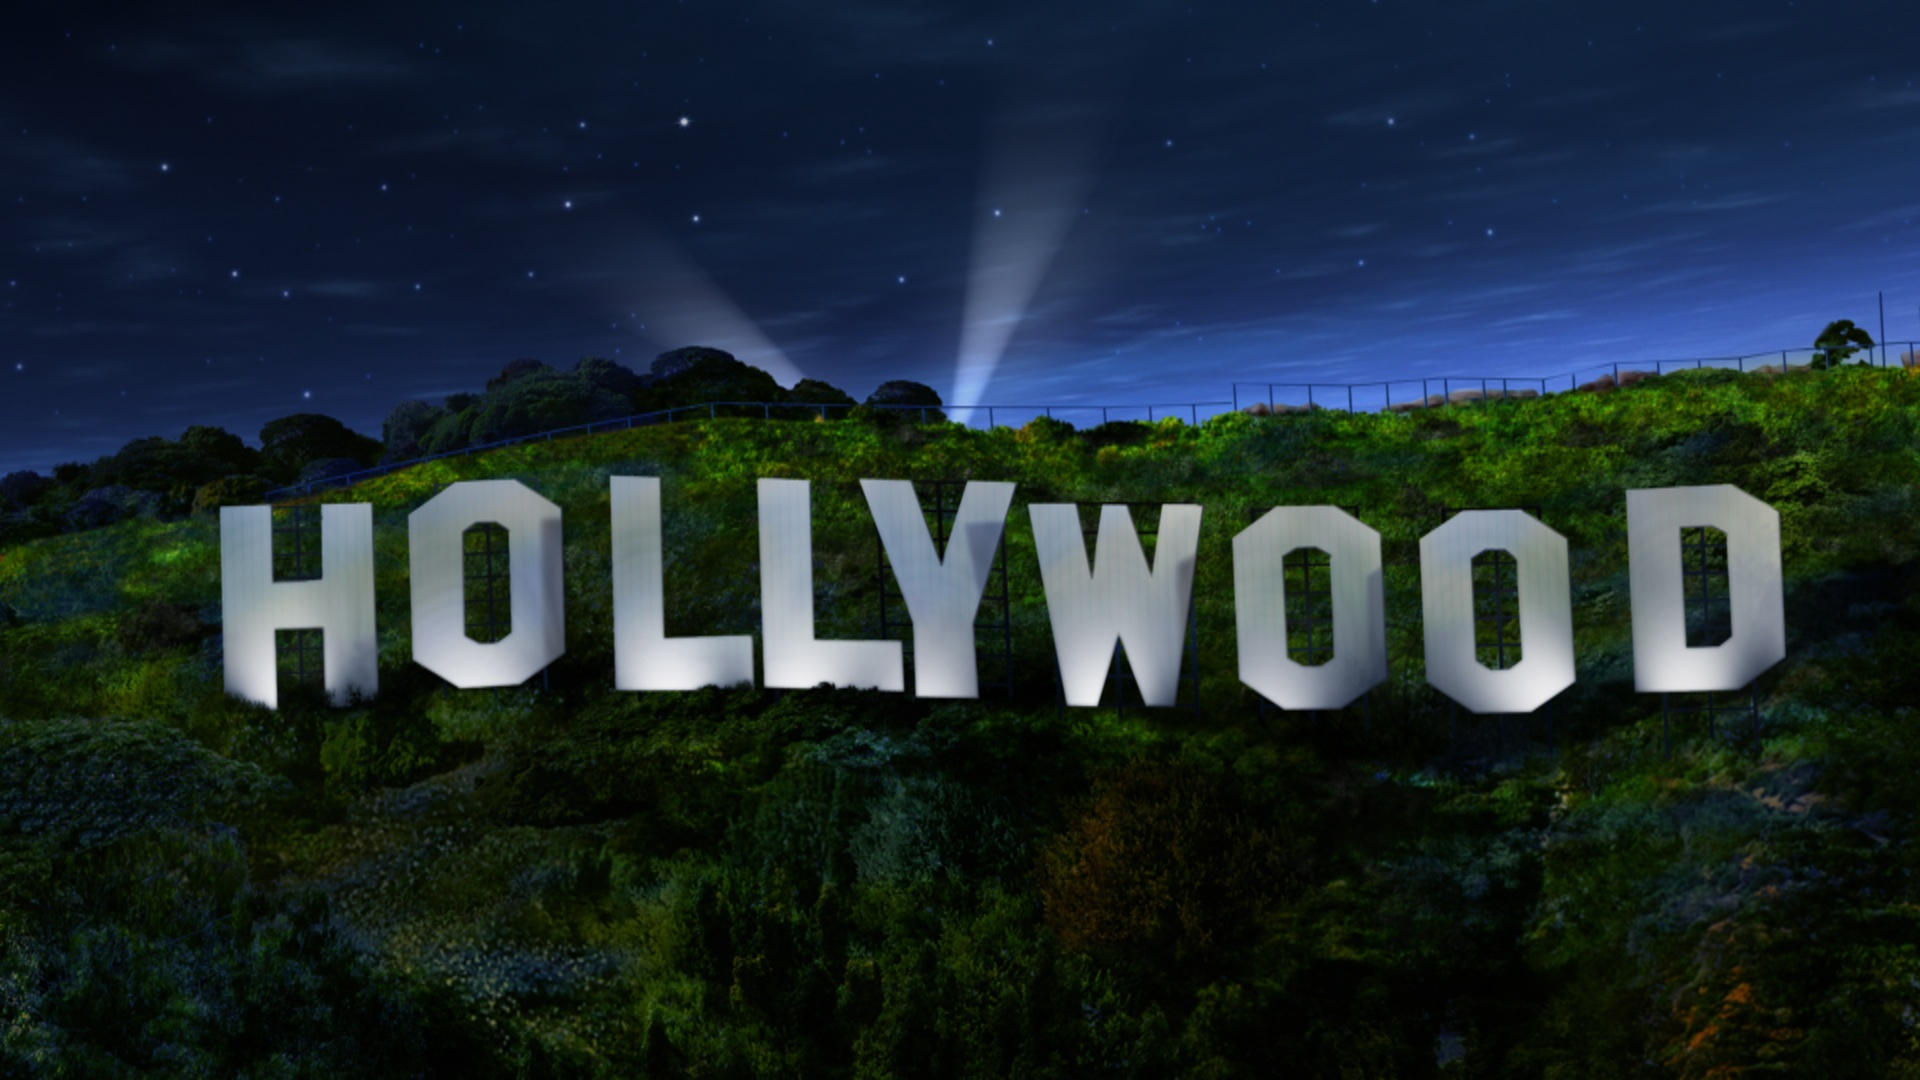 Thành phố Los angeles các địa điểm yêu thích - Hollywood